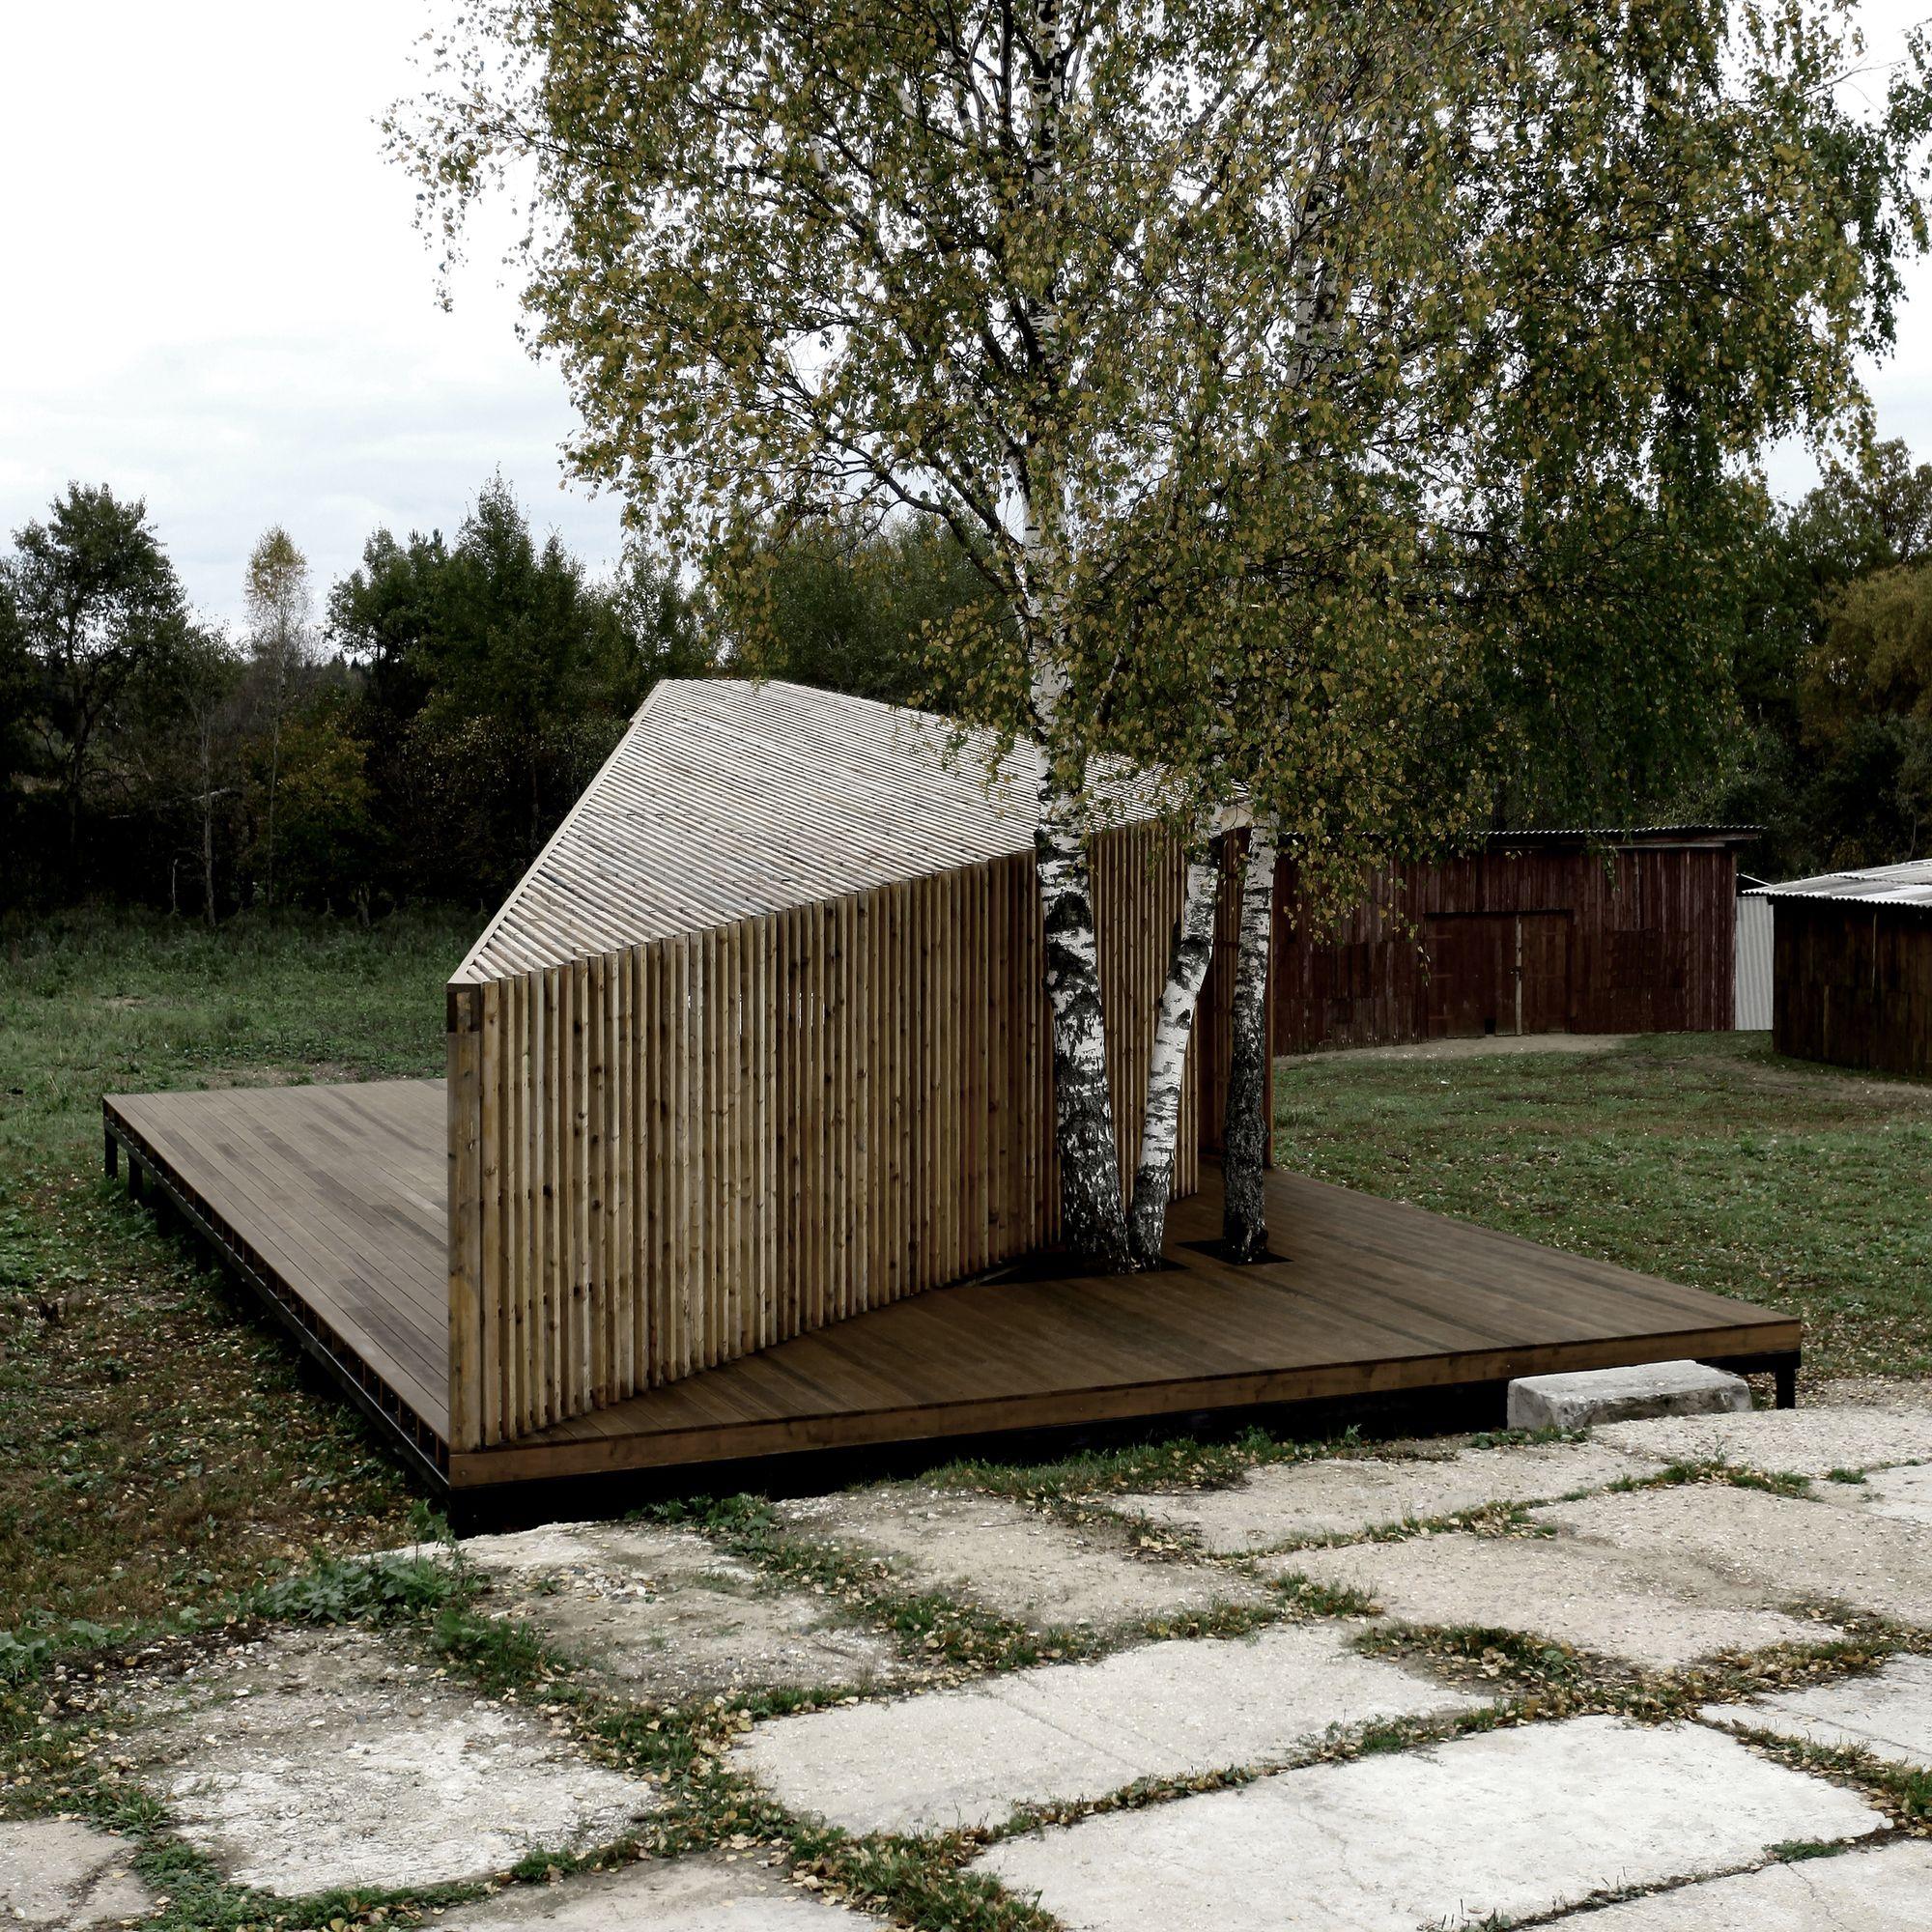 Galeria - Casa de Verão / Khachaturian Architects - 121